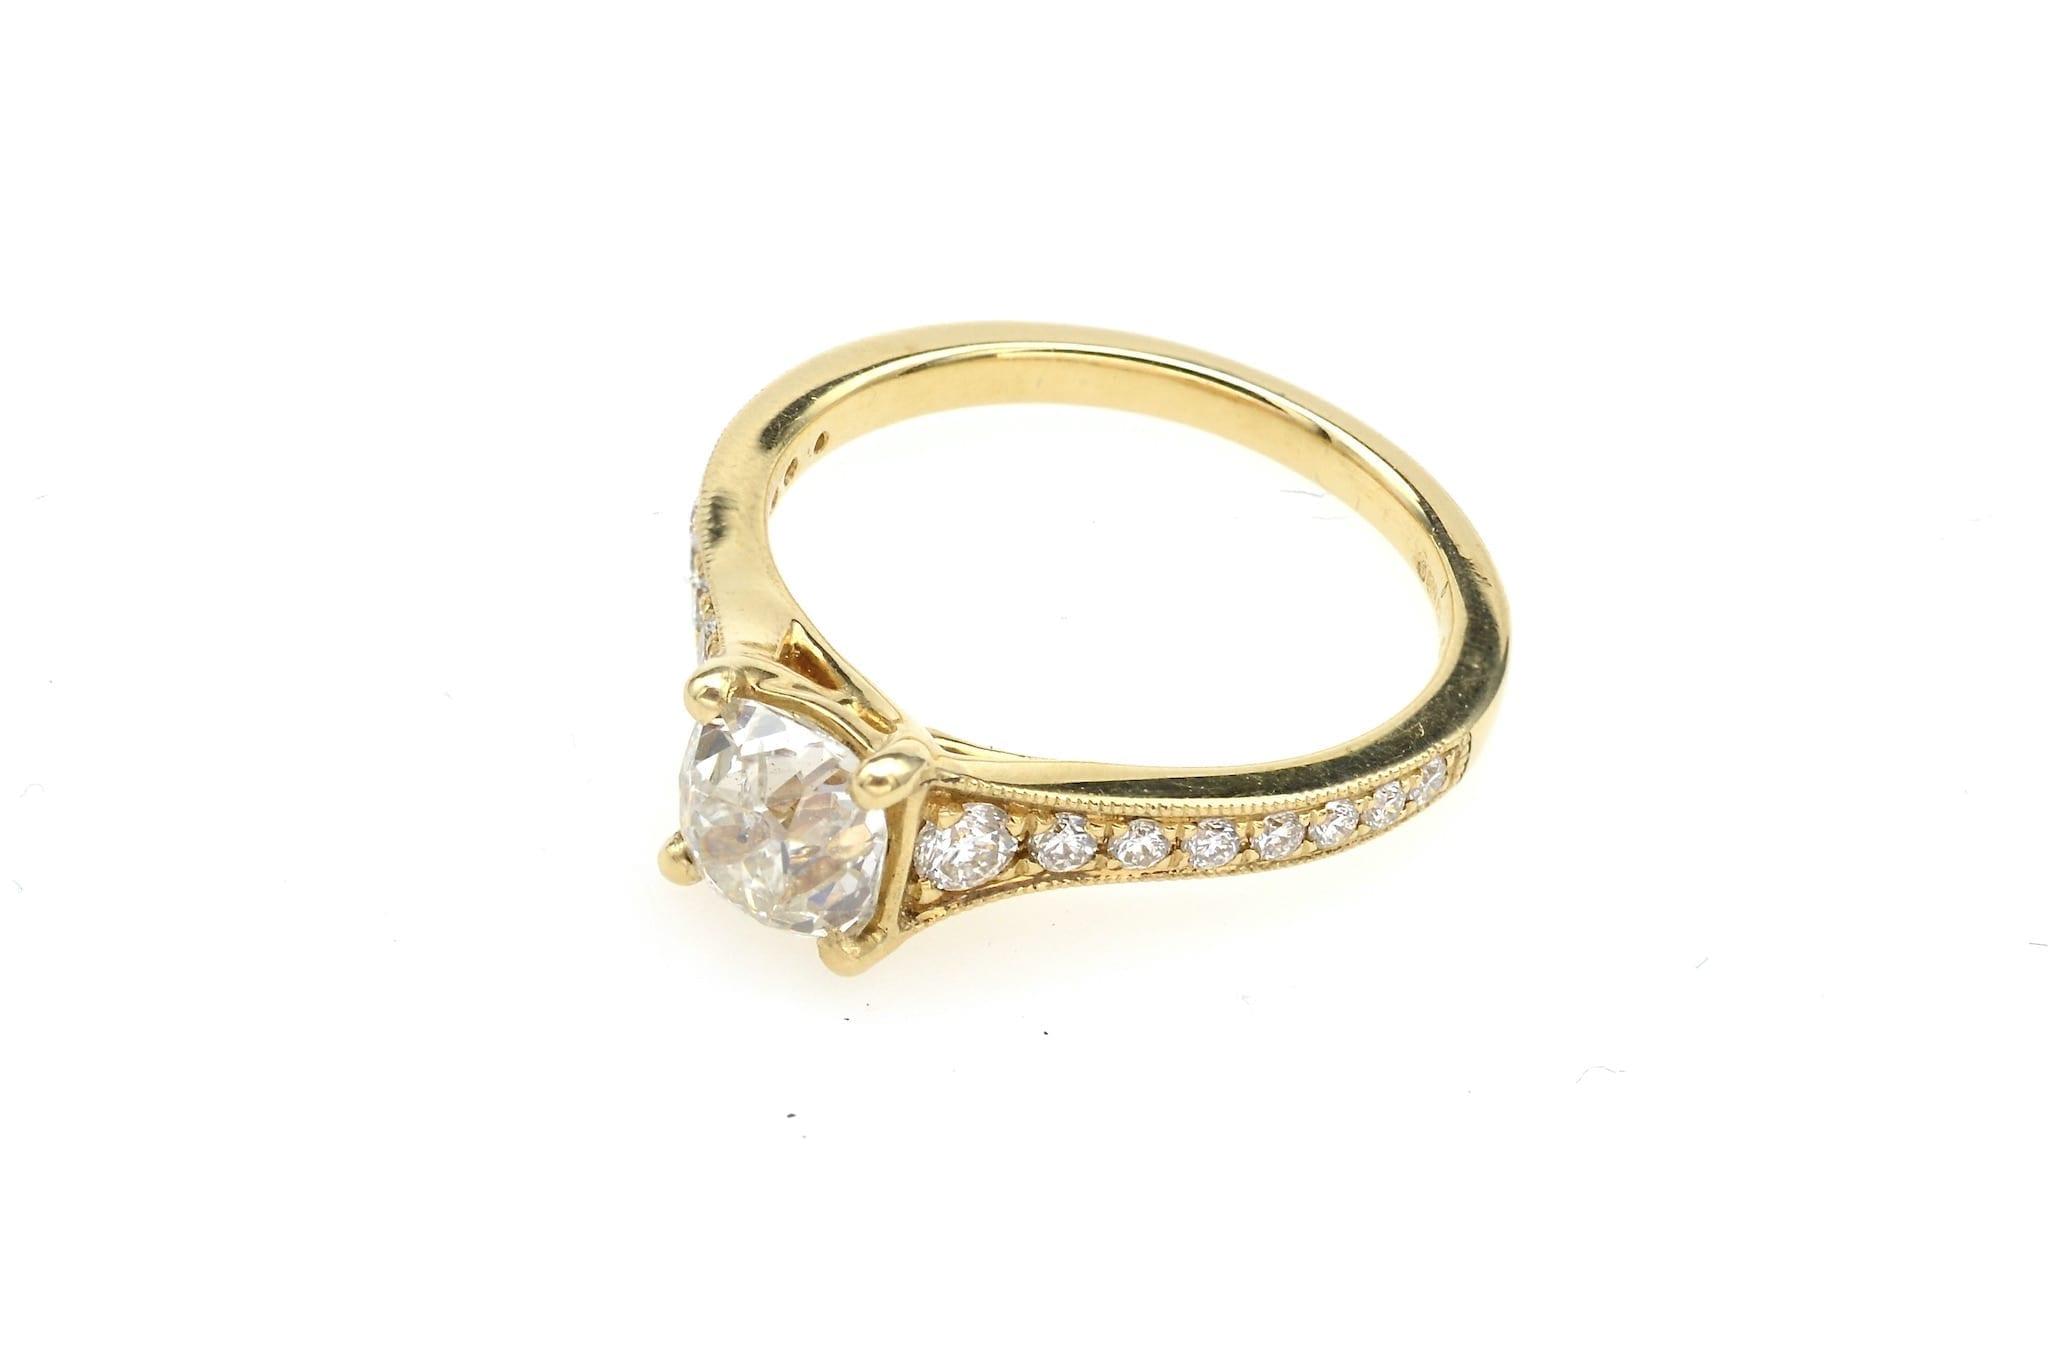 Bague solitaire diamant coussin en or jaune 18k